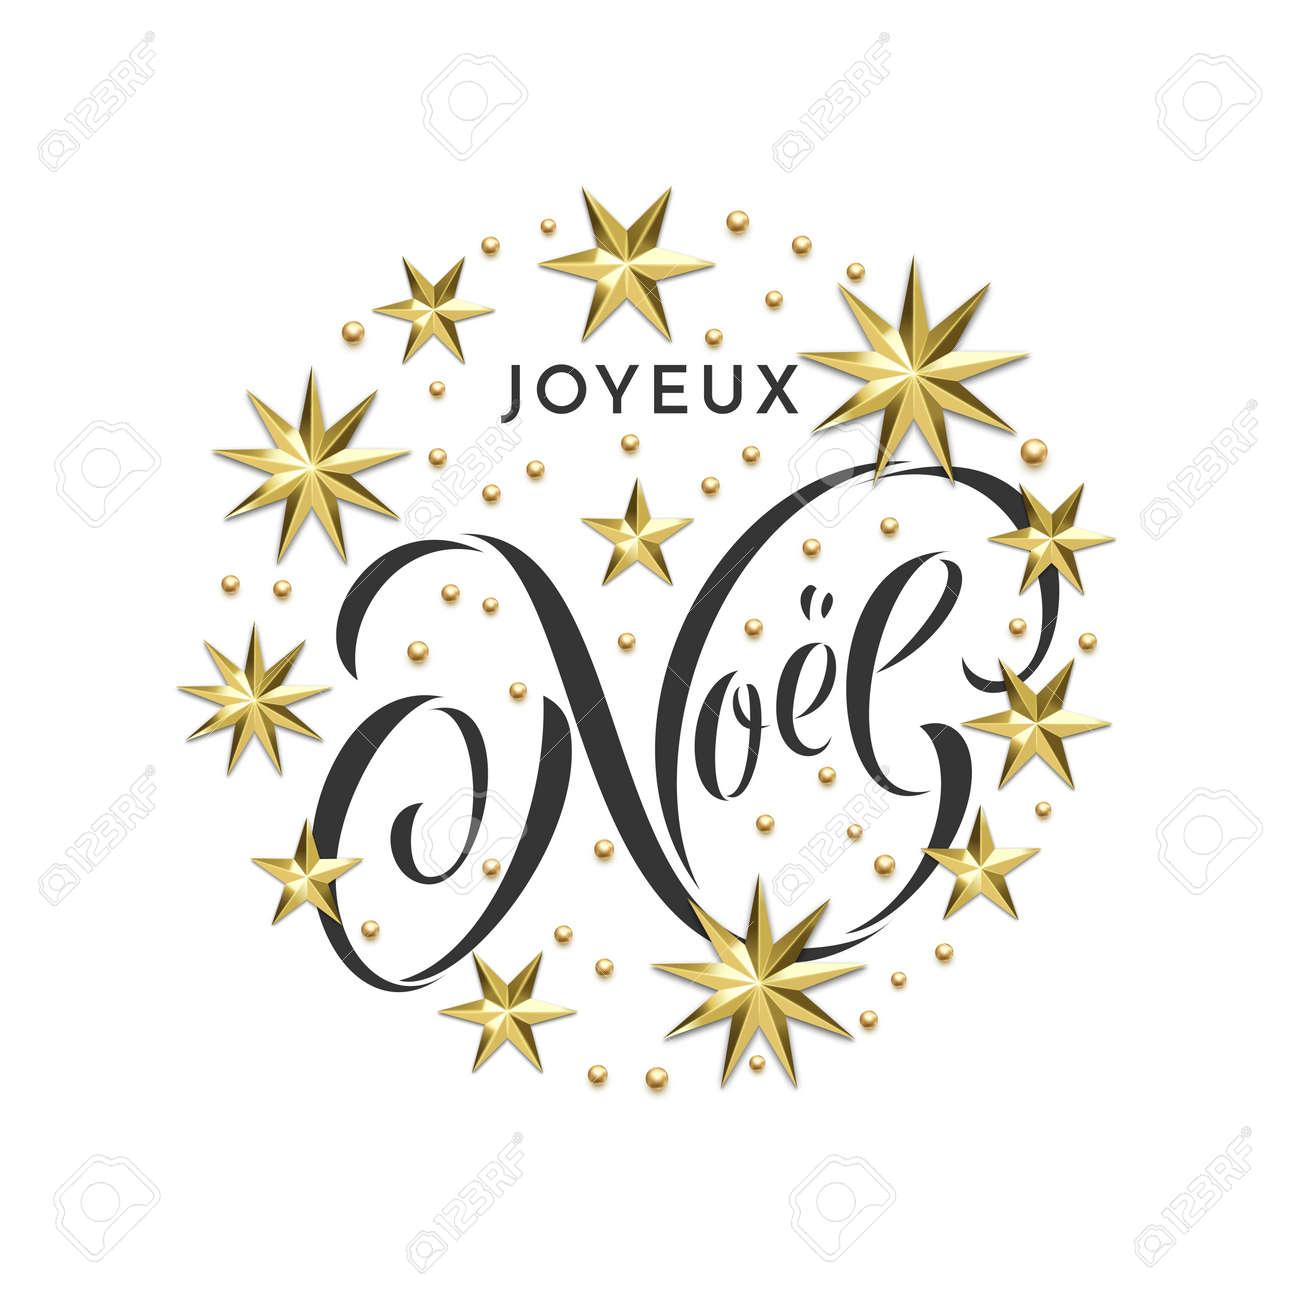 Joyeux Noel Französische Frohe Weihnachten Goldene Sterne Dekoration ...